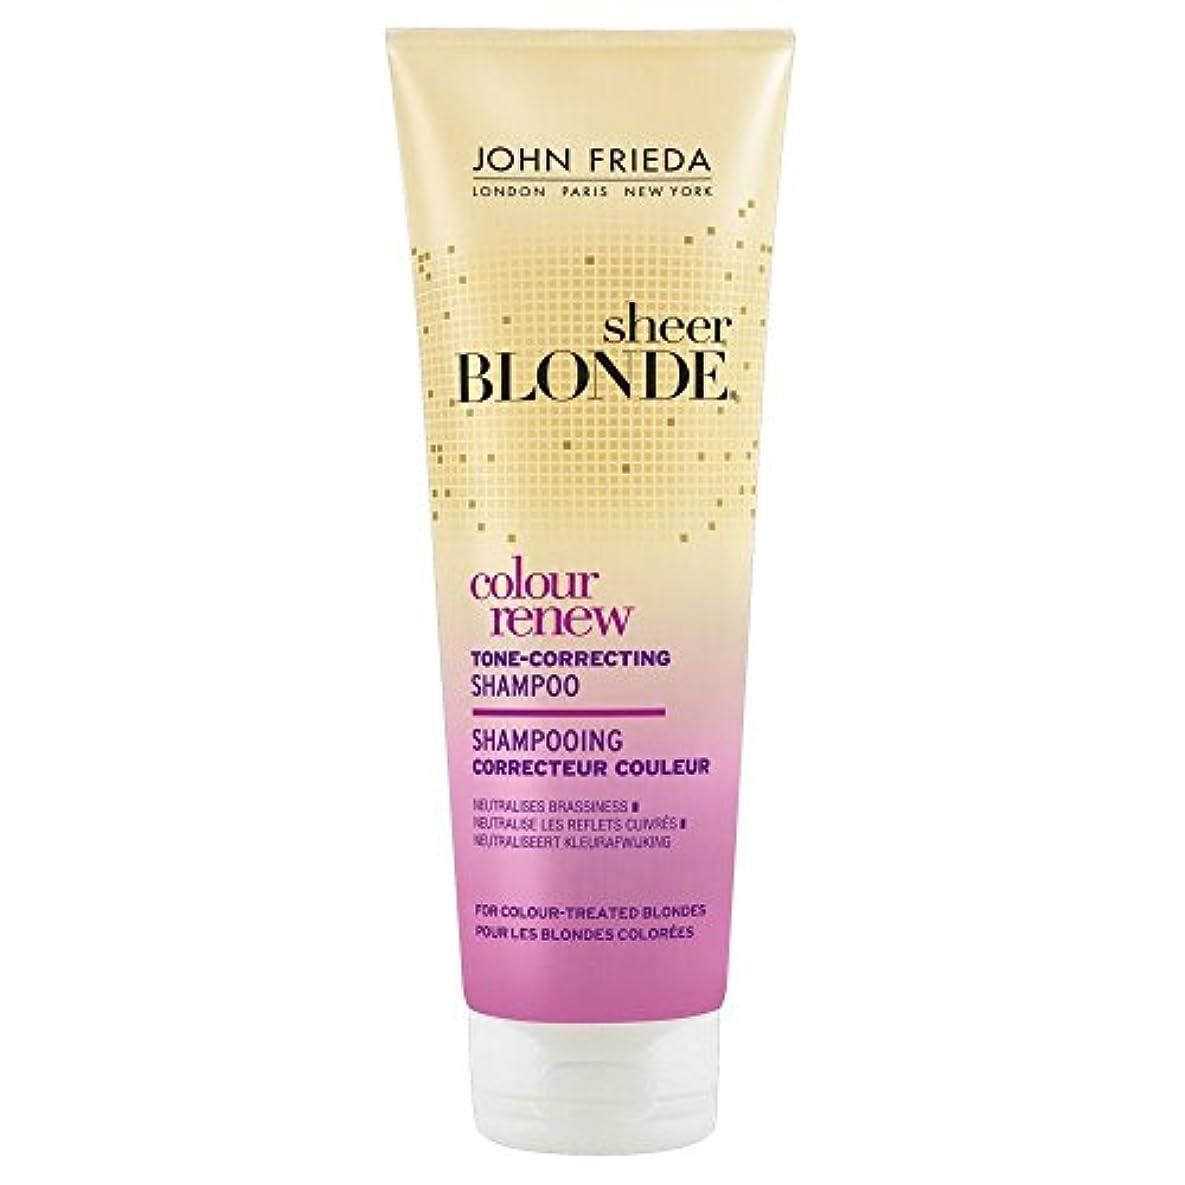 覆す納得させる高原John Frieda Sheer Blonde Colour Renew Tone Correcting Shampoo (250ml) ジョン?フリーダ全くのブロンド色は色調を補正シャンプー( 250ミリリットル)を...